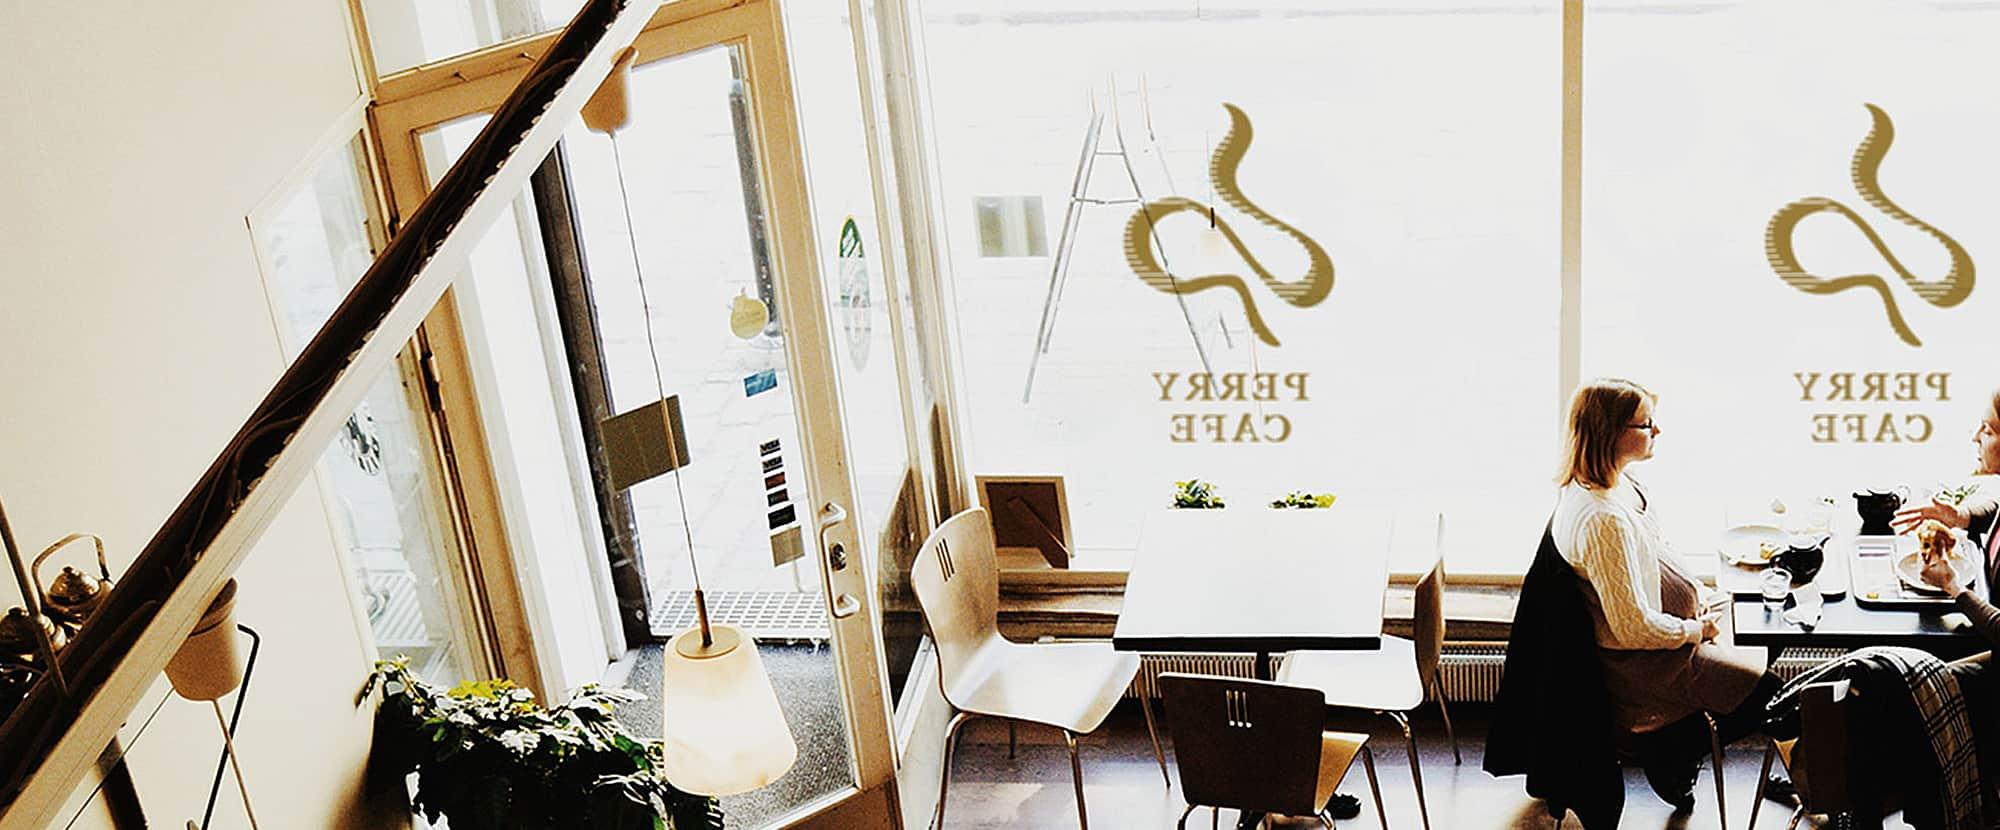 咖啡廳LOGO設計